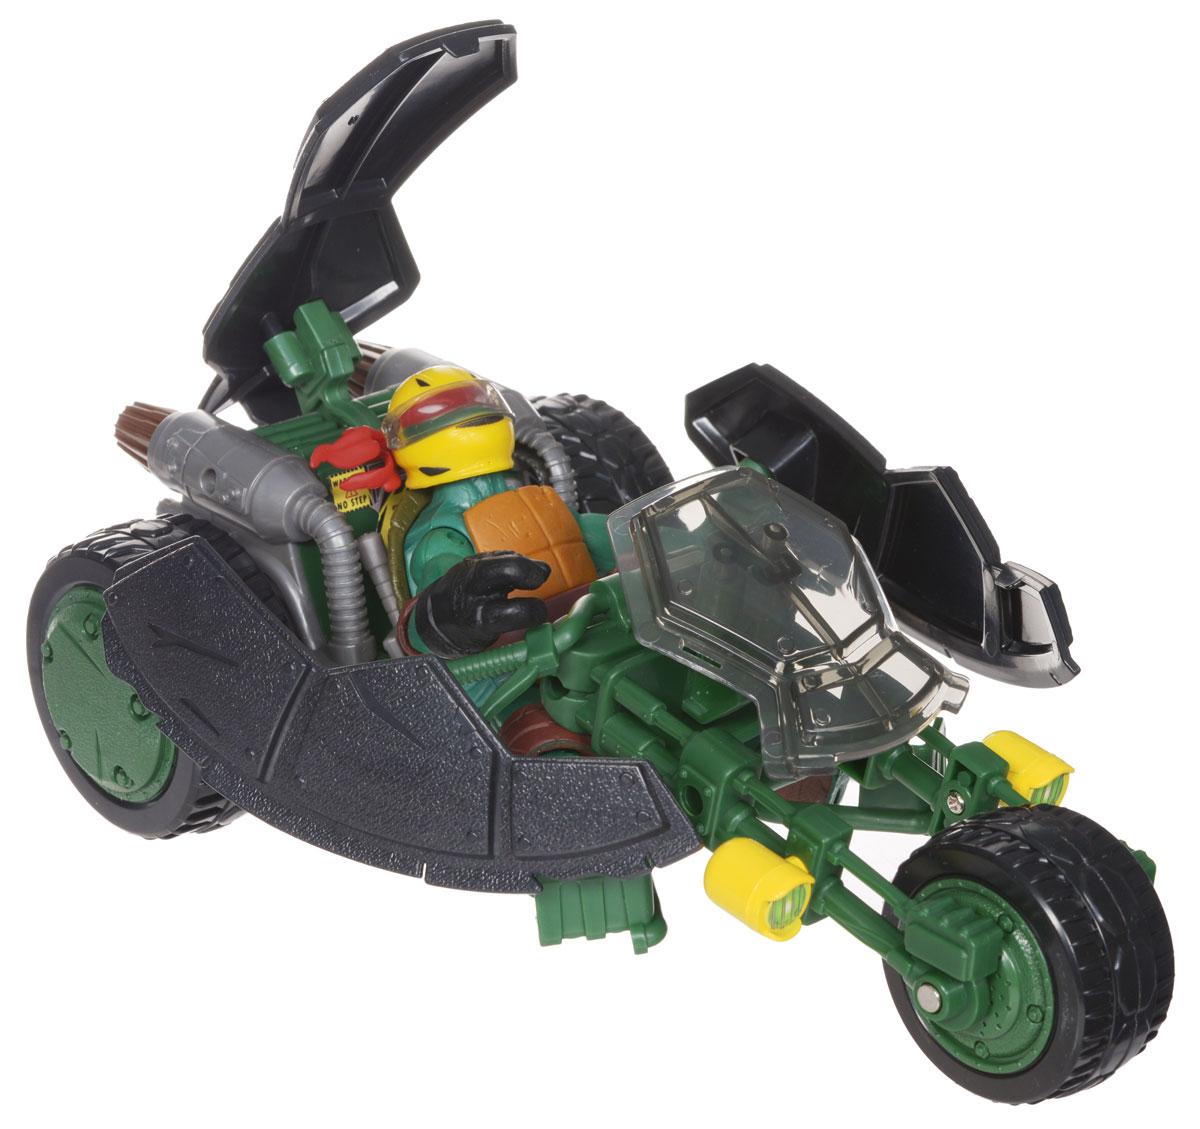 Черепашки Ниндзя Мотоцикл Стелс с фигуркой94001Мотоцикл Черепашки Ниндзя Стелс непременно понравится вашему ребенку и надолго займет его внимание. В комплект входит мотоцикл Черепашек-ниндзя Стелс (Невидимка), фигурка в виде Рафаэля - персонажа команды TMNT и 2 меча. Мотоцикл с тремя вращающимися колесами трансформируется из невидимого режима в боевой одним нажатием на панцирь. Фигурка имеет шарнирное устройство конечностей, что позволяет фиксировать ее в нужном положении. На мотоцикл можно посадить любого участника команды TMNT. Ваш ребенок с удовольствием будет играть с мотоциклом, придумывая различные истории. Порадуйте его таким замечательным подарком!